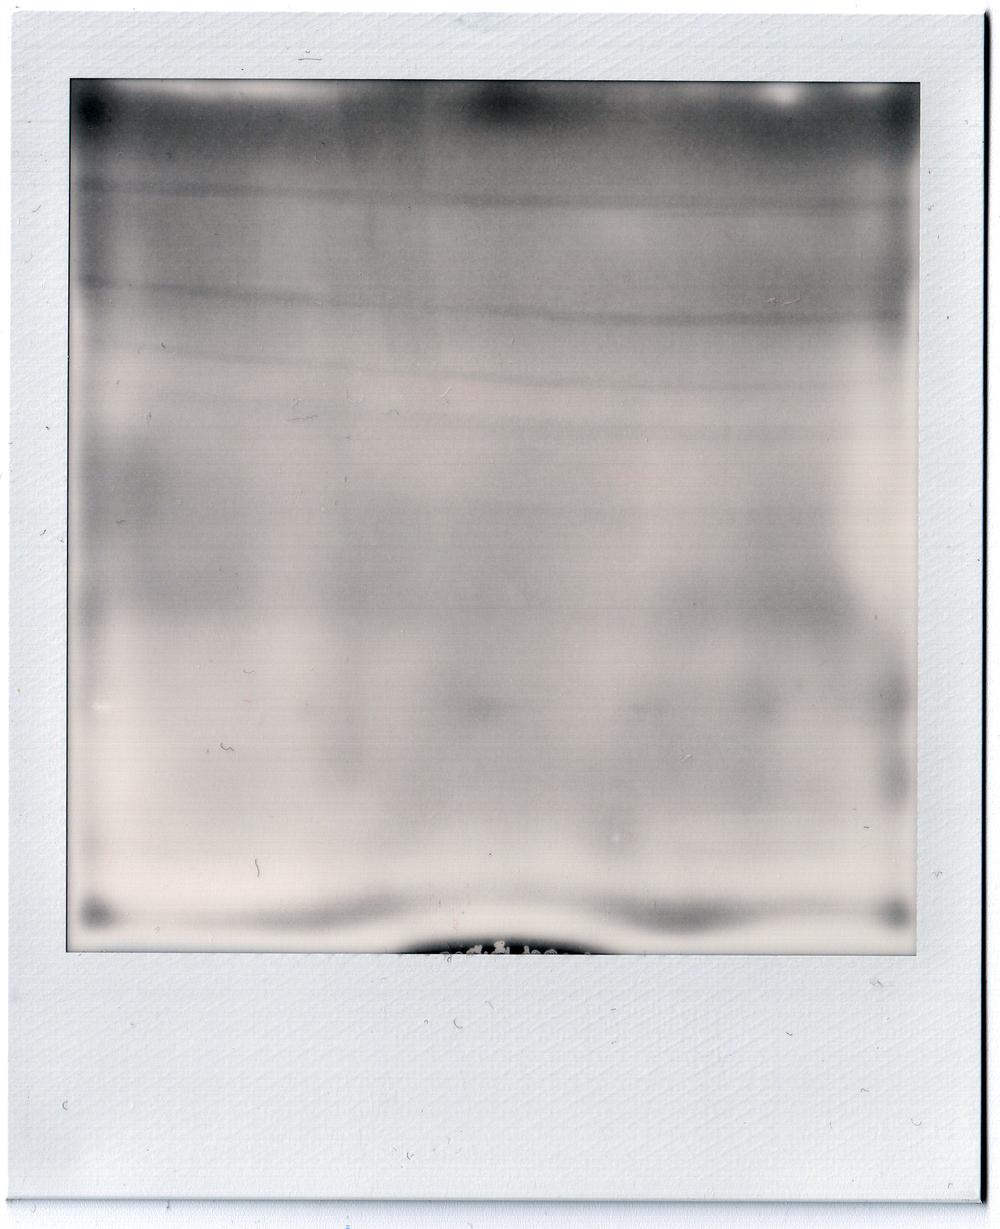 WhiteSx-70.jpg